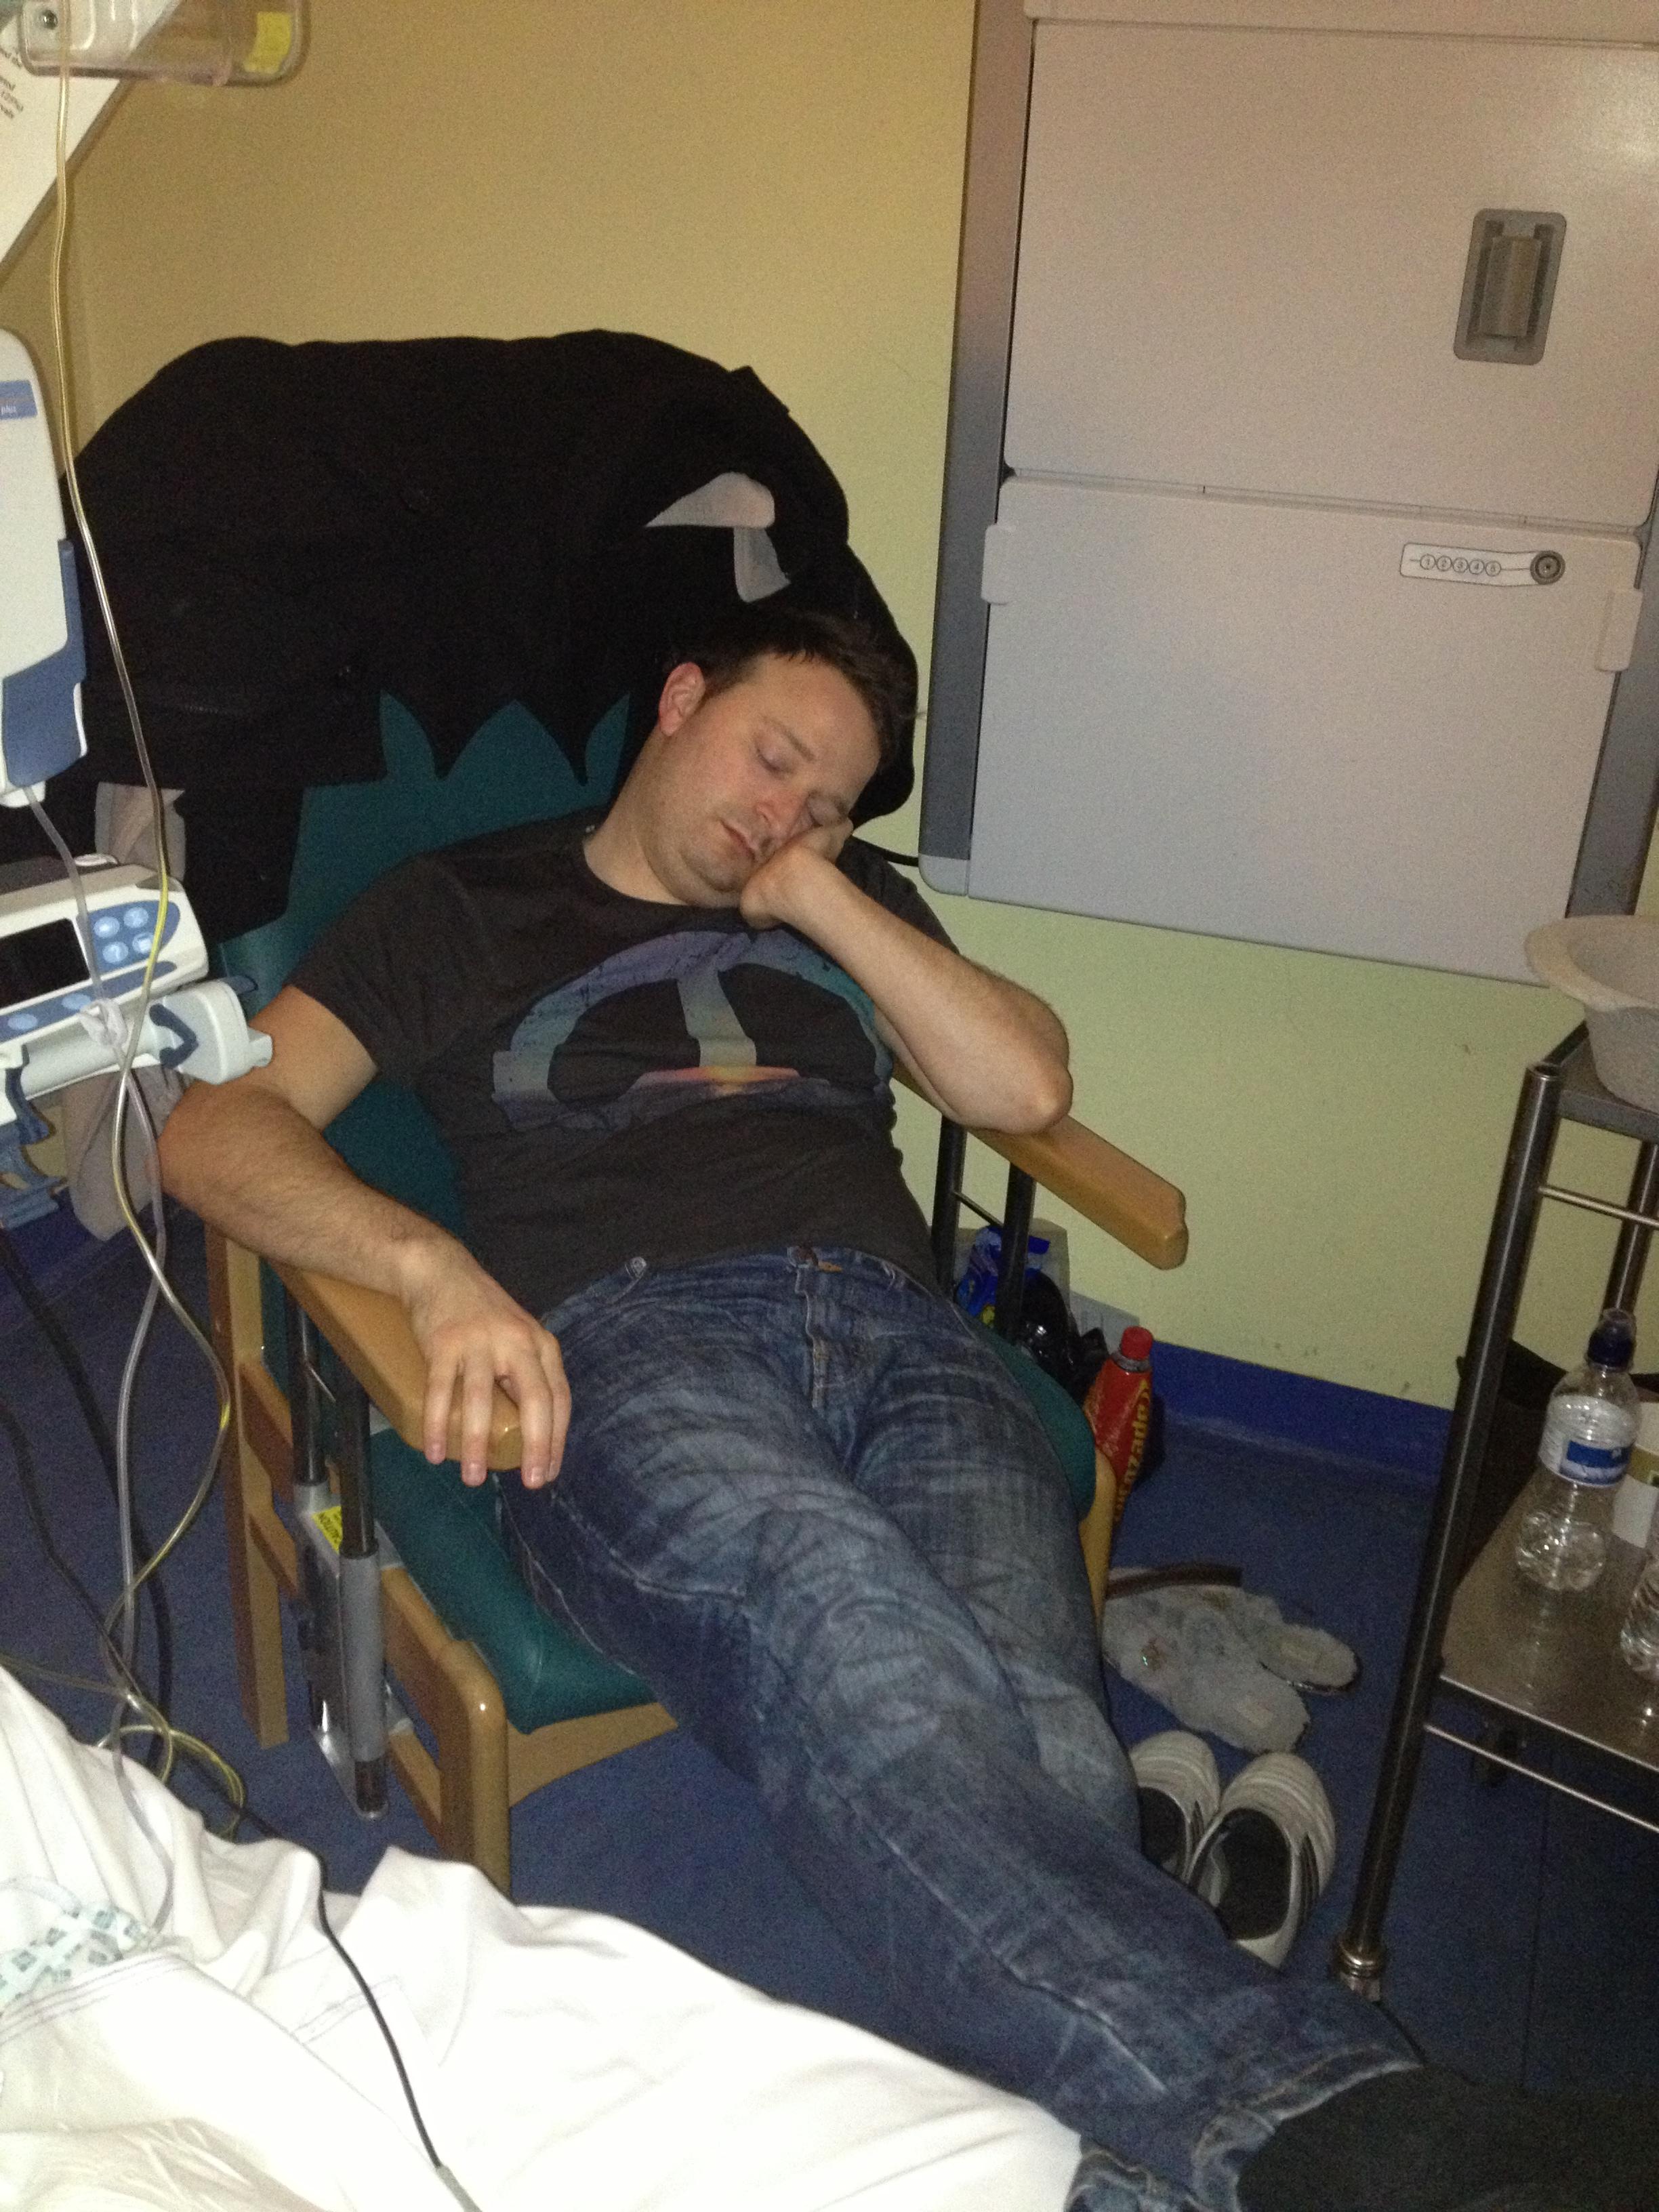 man asleep in hospital